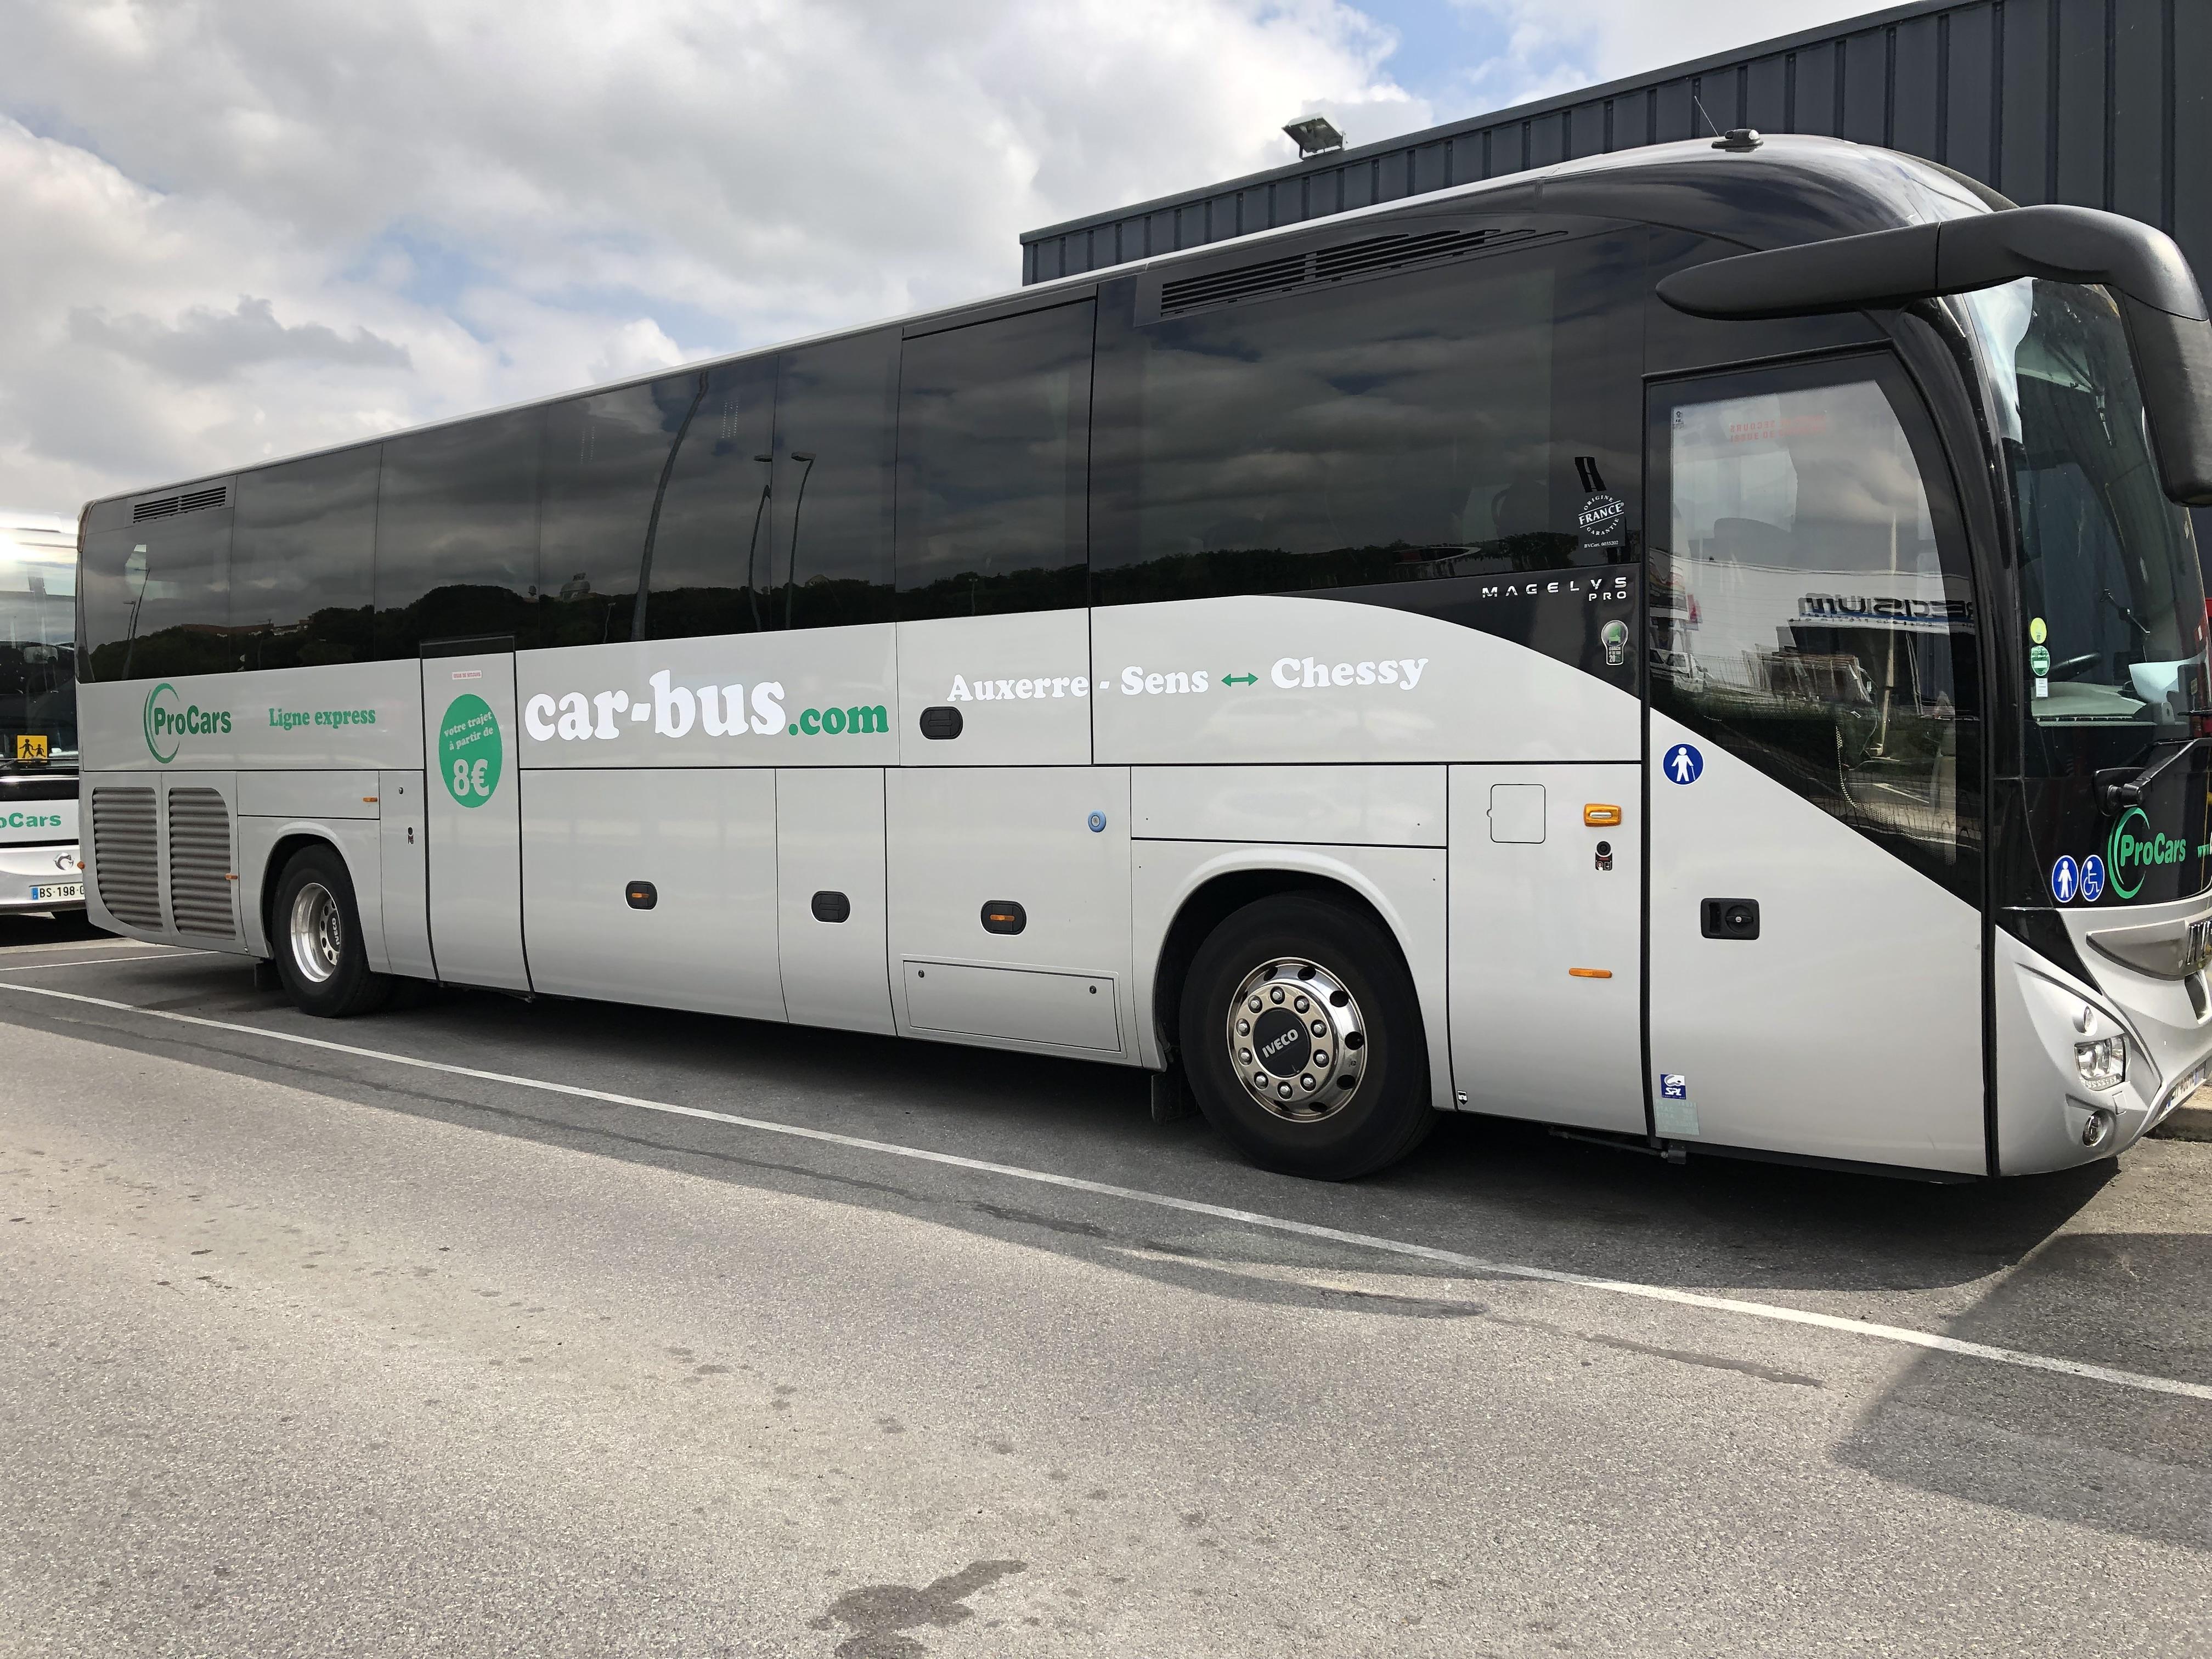 Car-bus - Accueil